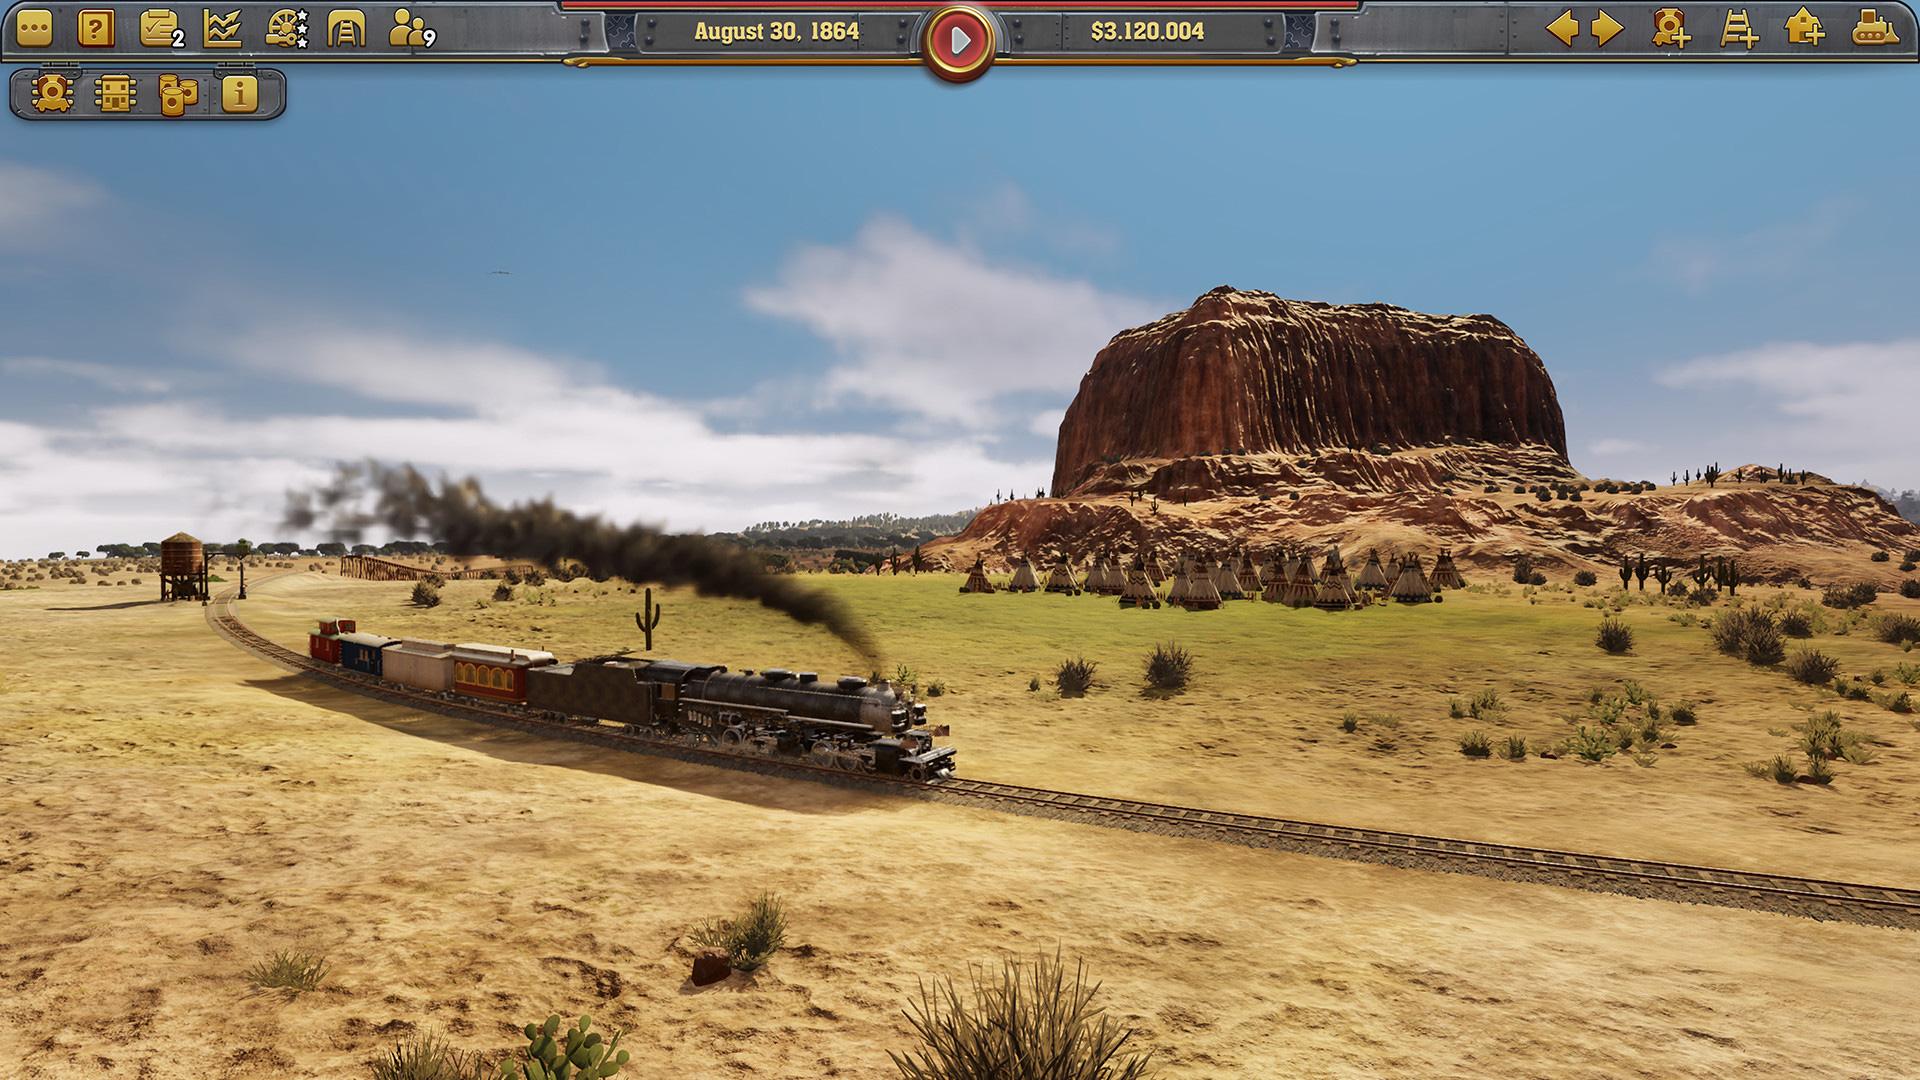 """Wirtschaftssimulation auf Schienen: """"Railway Empire"""" von Deck 13."""